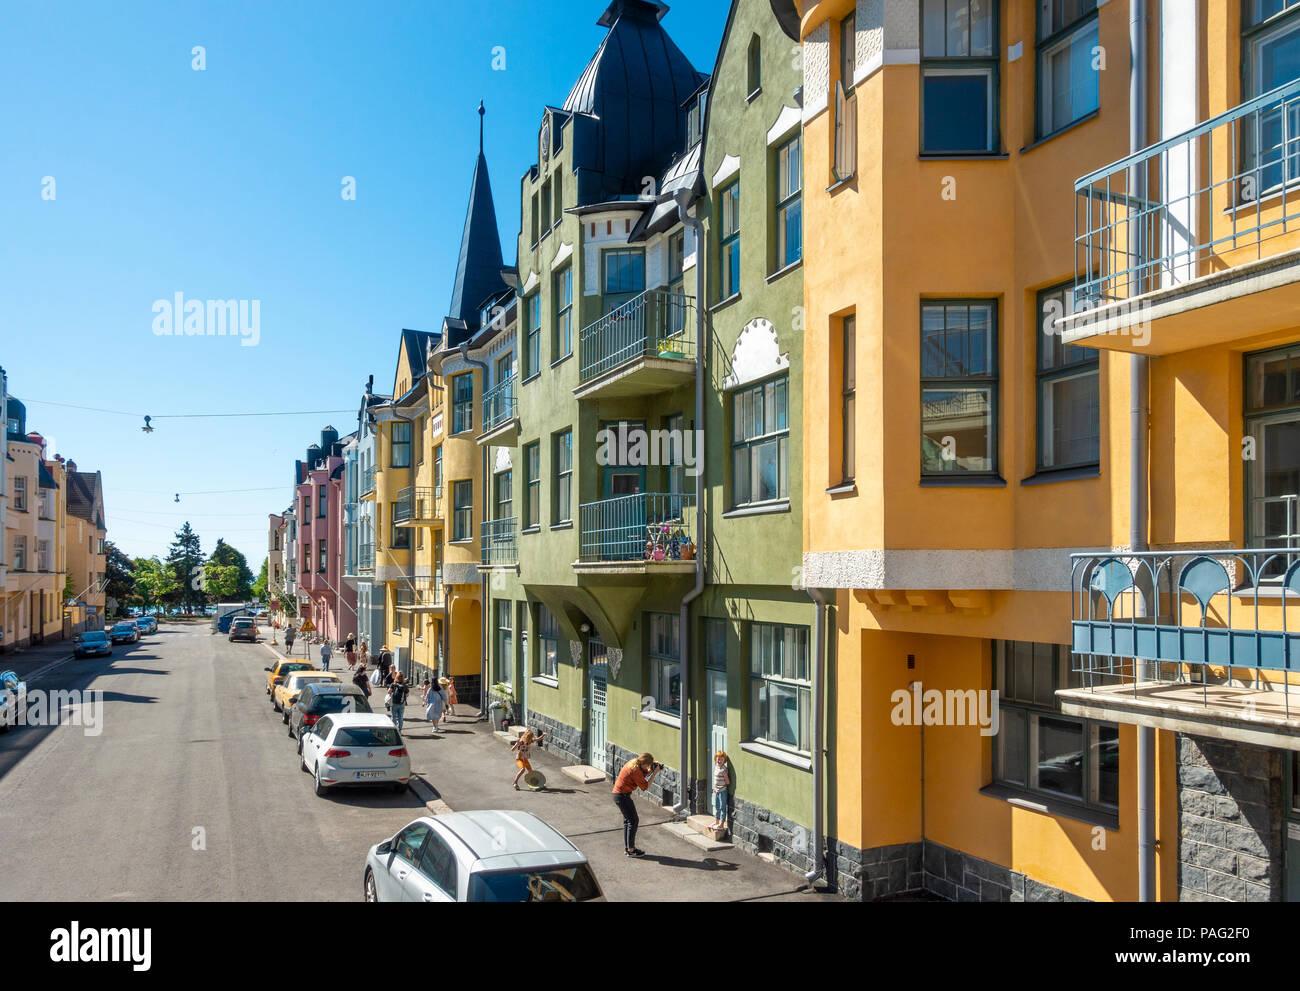 Maisons colorées à Helsinki, Finlande Helsinki Huvilakatu Street. Rue colorée avec des couleurs pastels et Art Nouveau Jugendstil villas ville Photo Stock